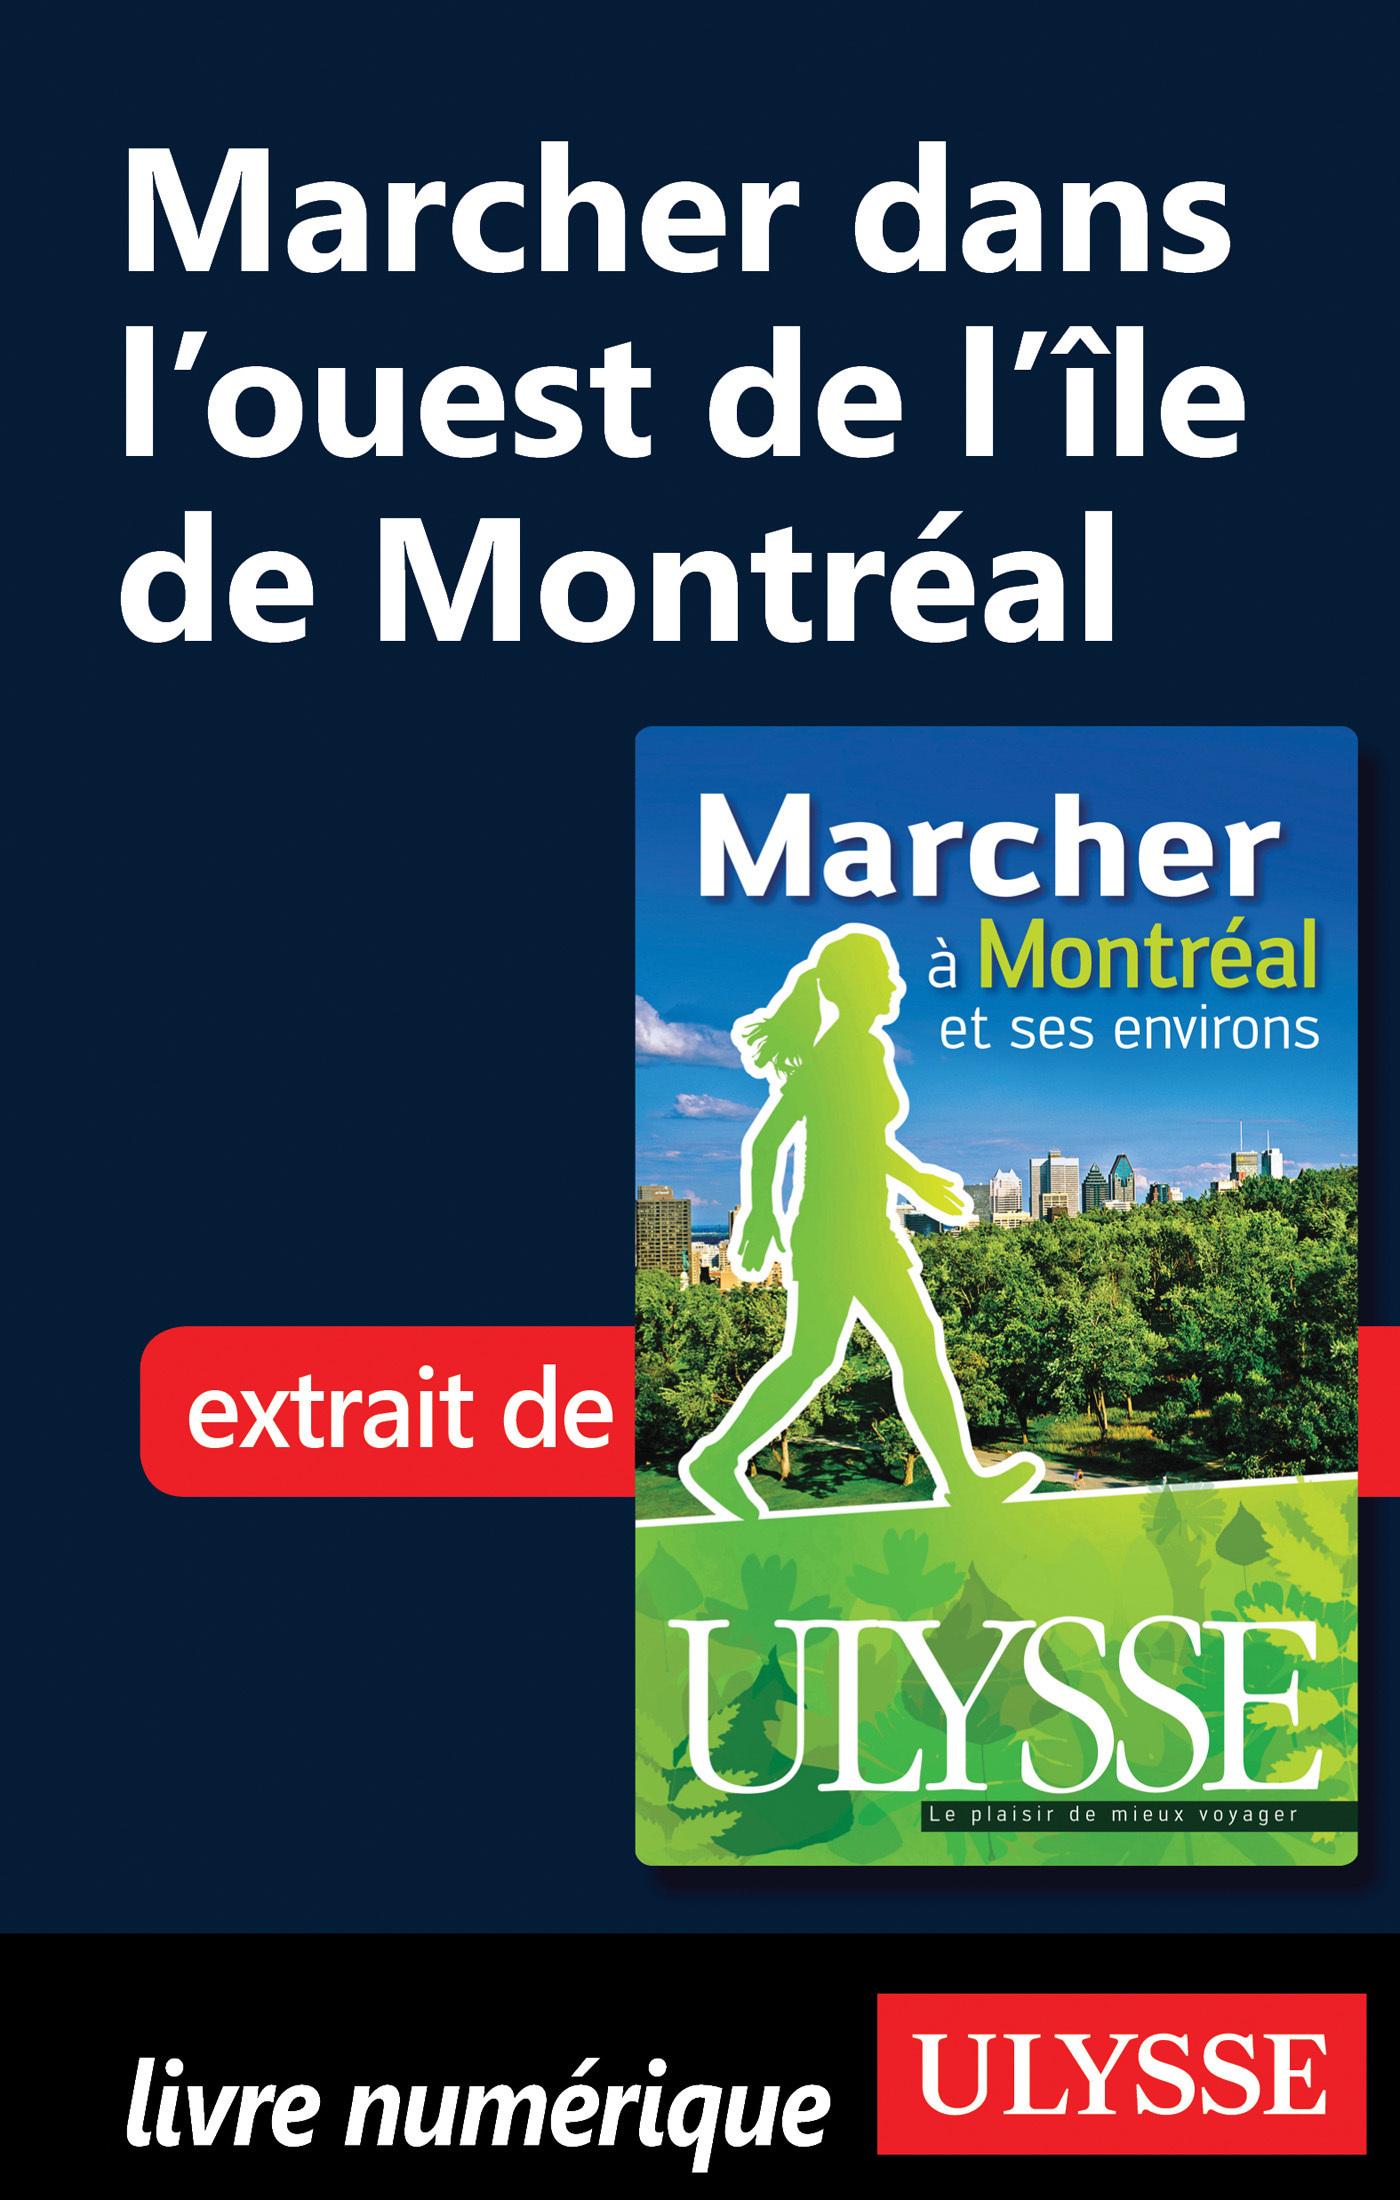 Marcher dans l'ouest de l'île de Montréal